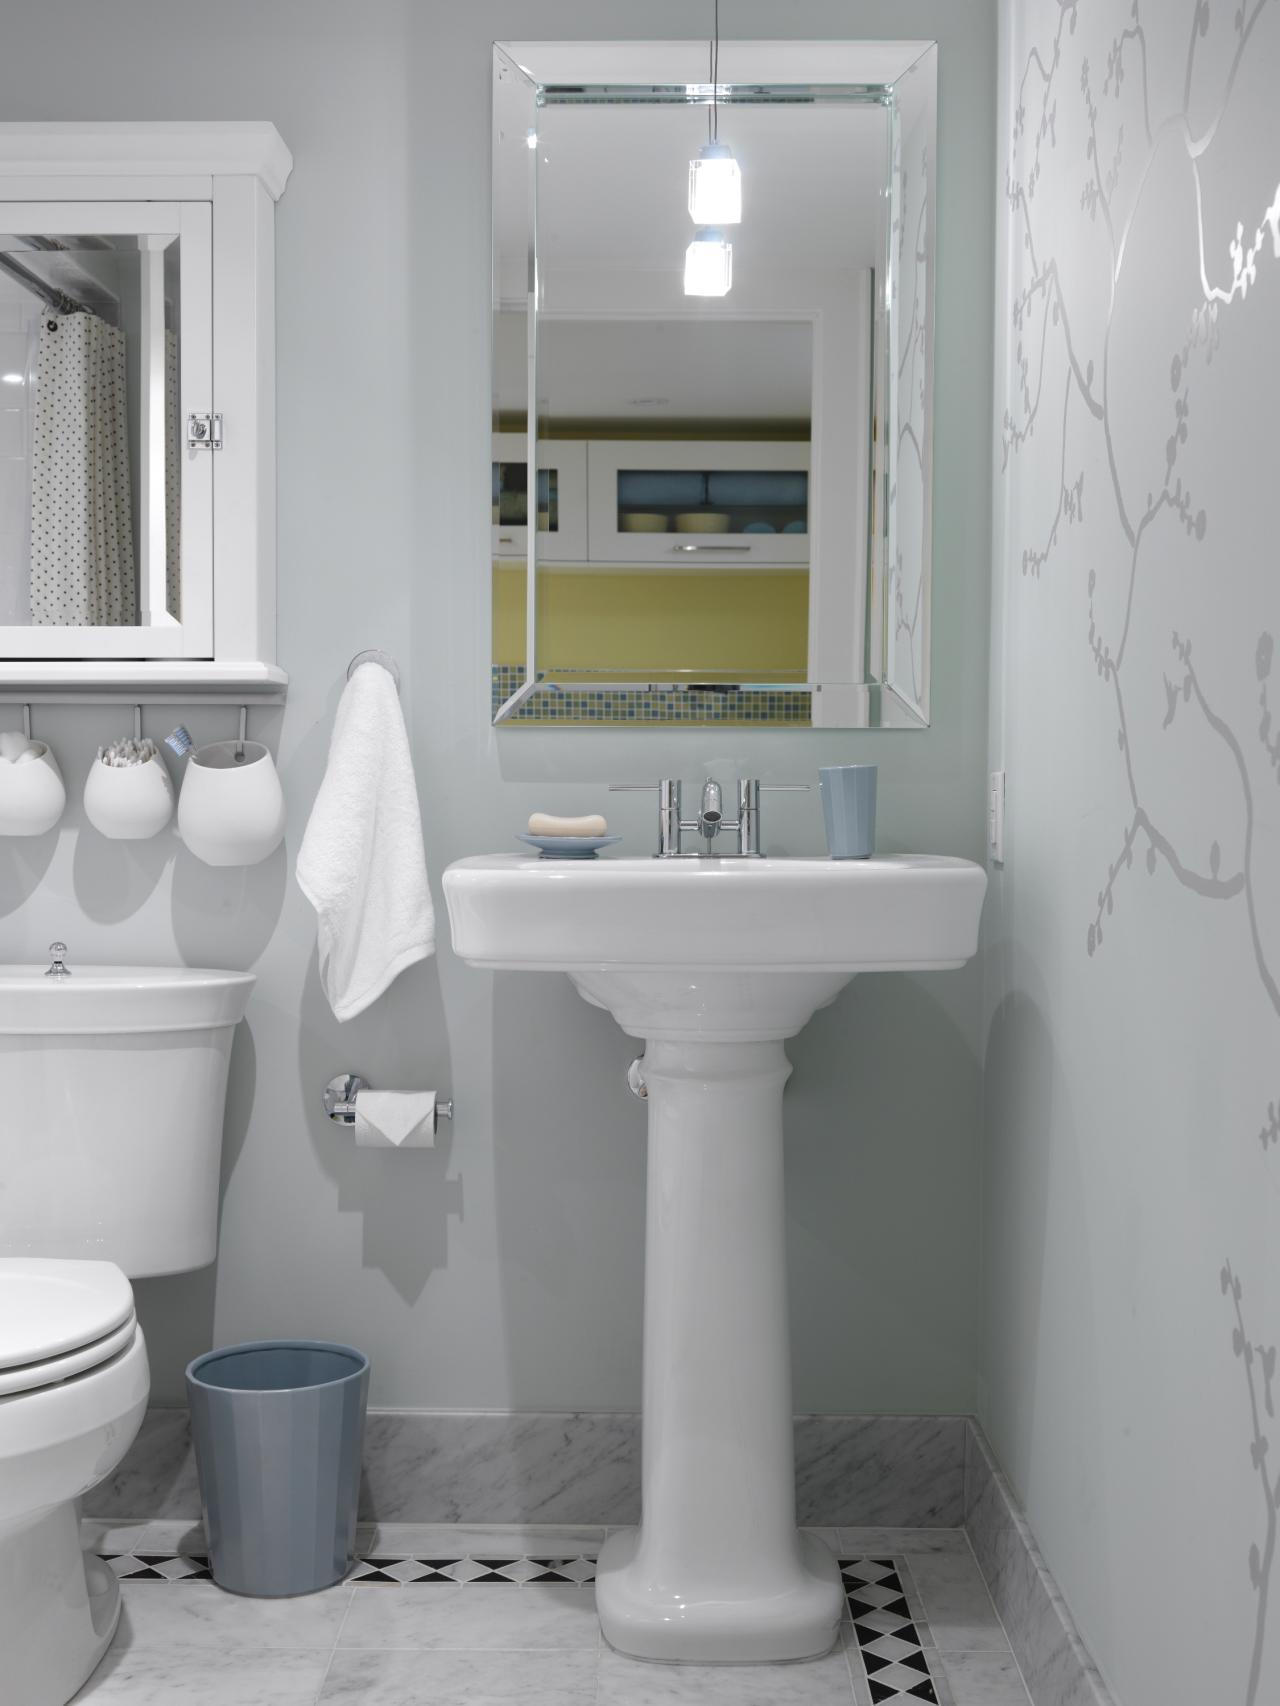 small bathroom decorating ideas they design inside bathroom design ideas JTYCGWM